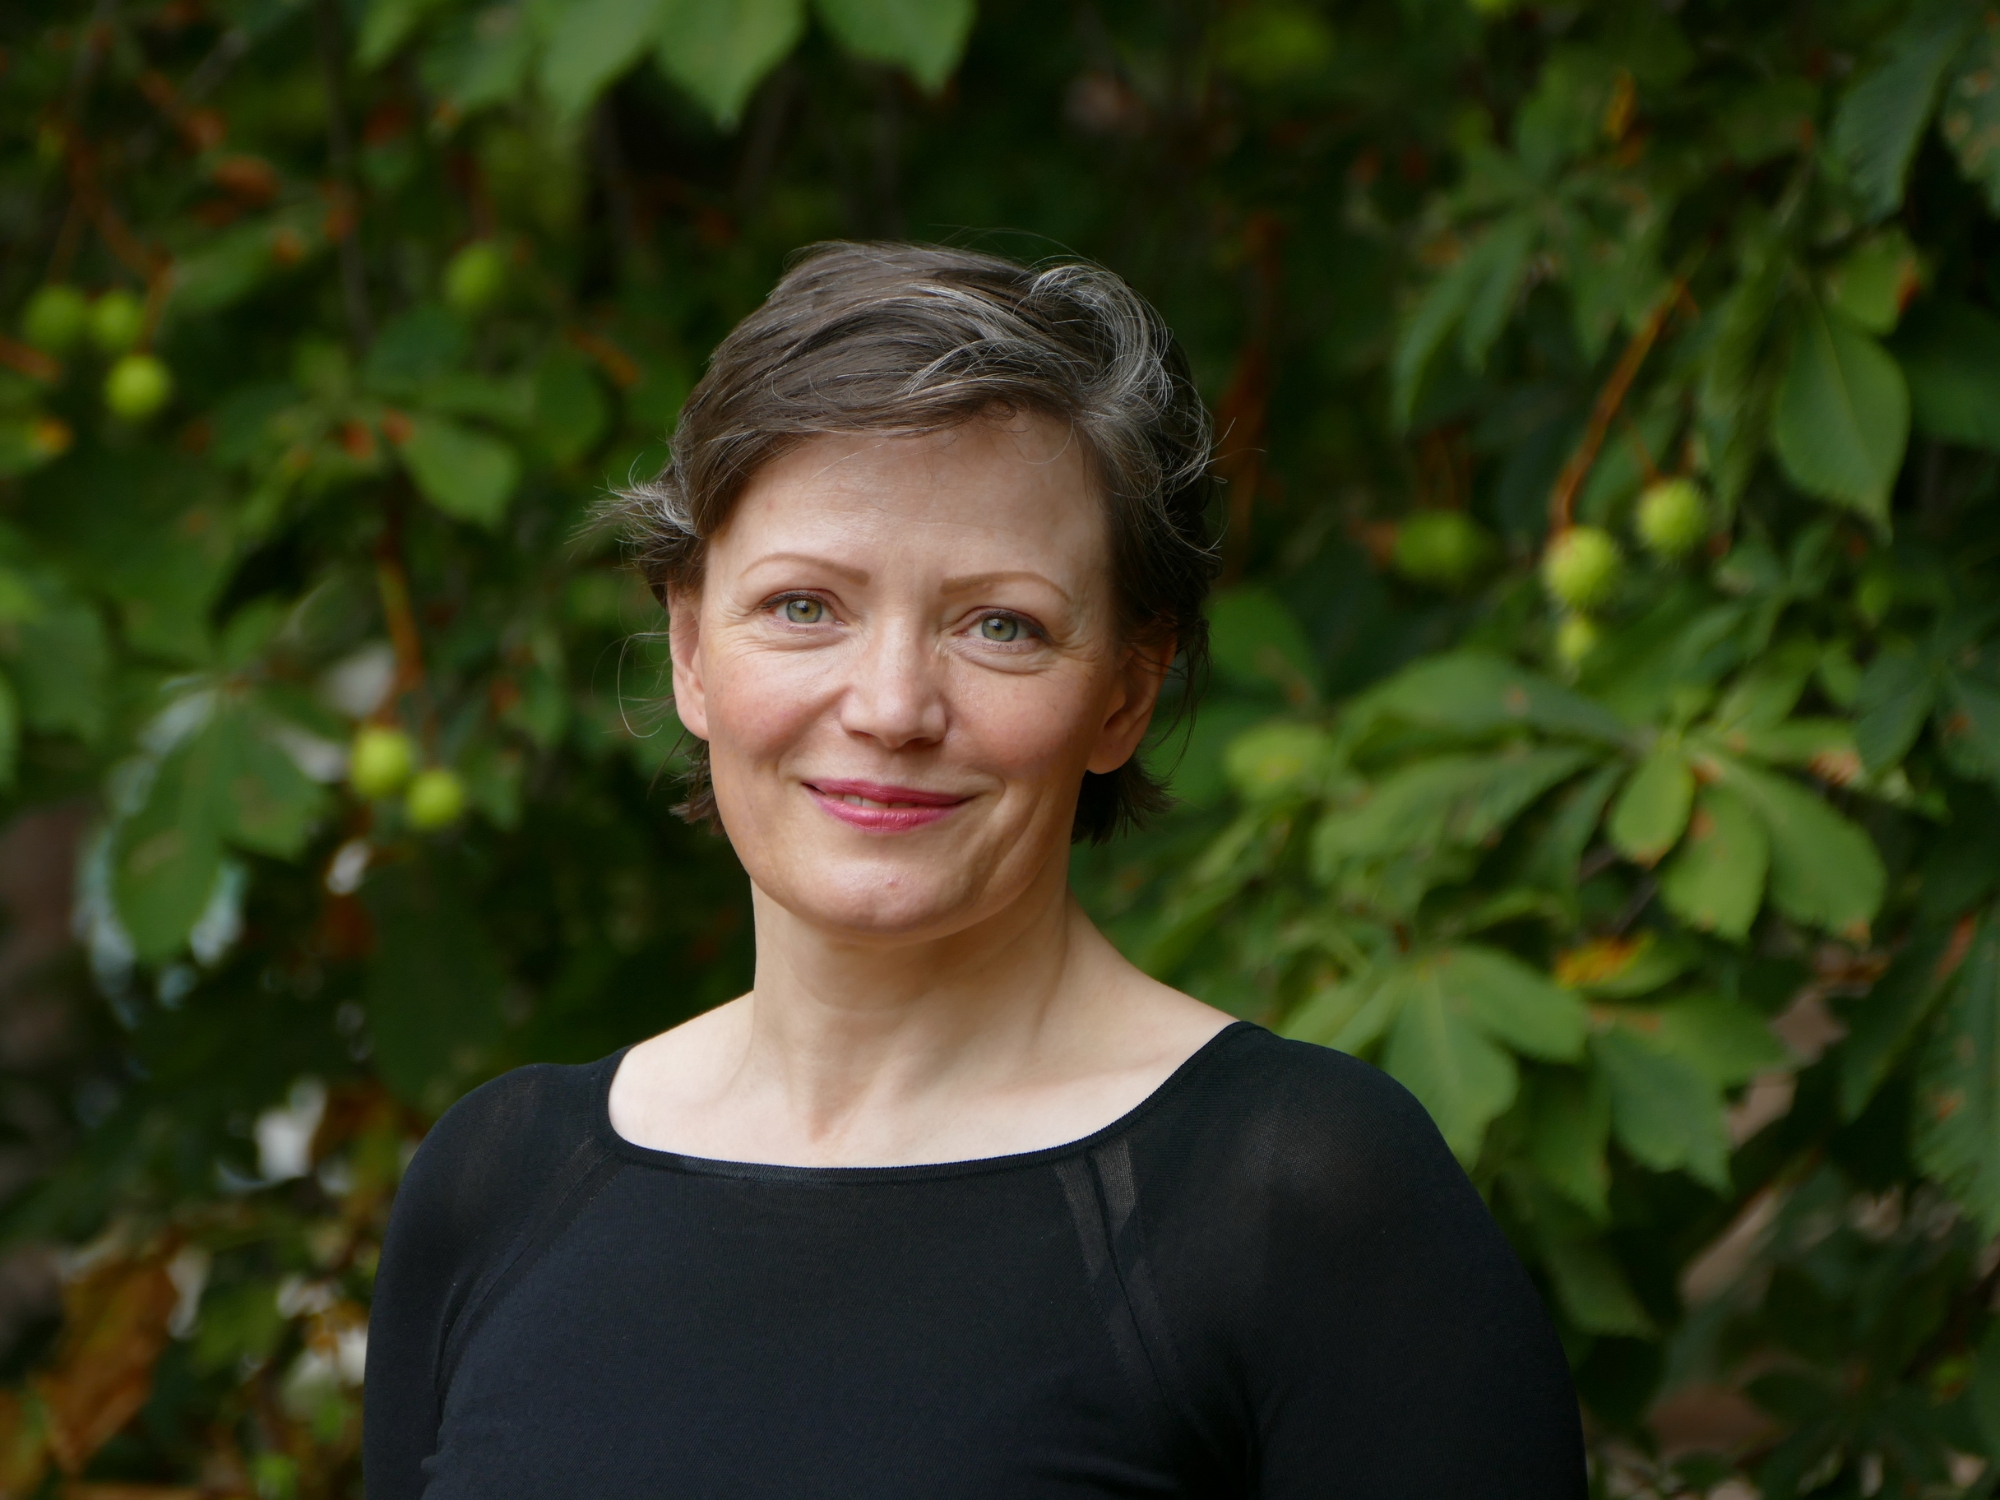 Cathleen Kantner